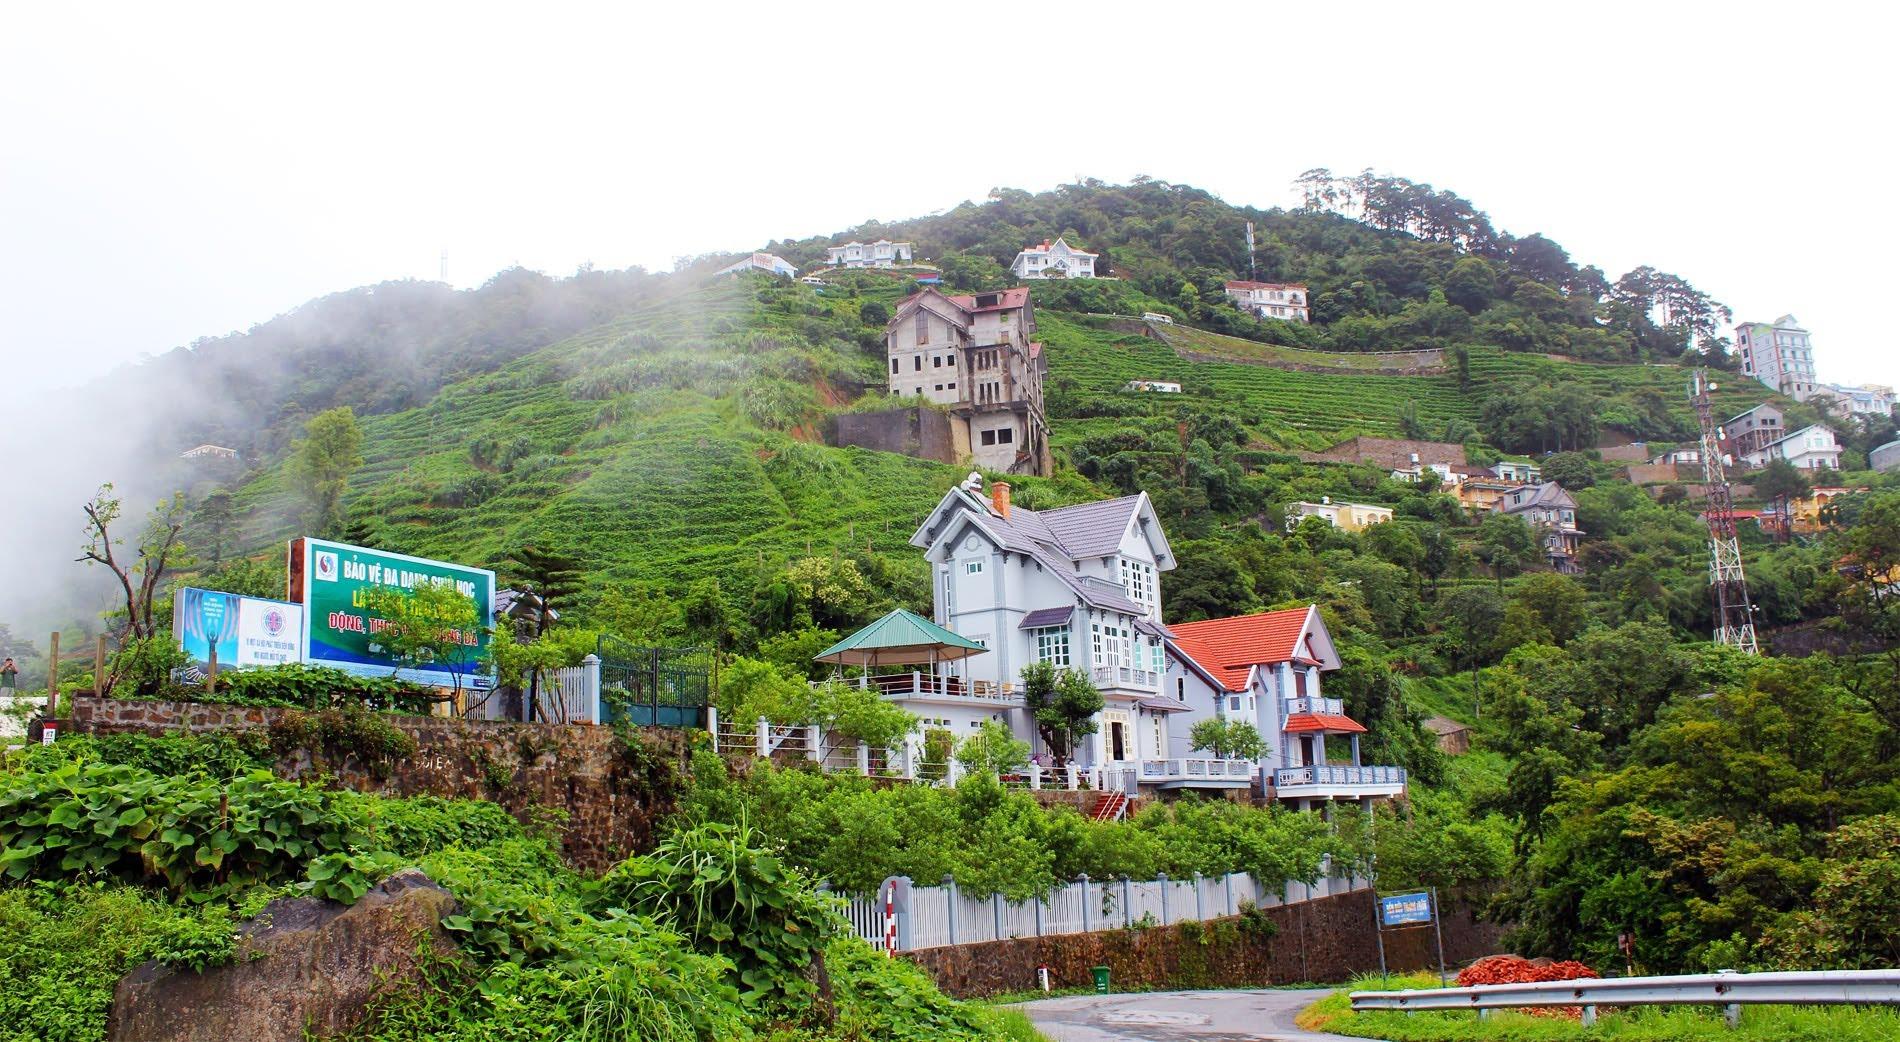 Tam đảo thành phố trong sương, điểm đến thú vị được nhiều khách du lịch  ưa thích